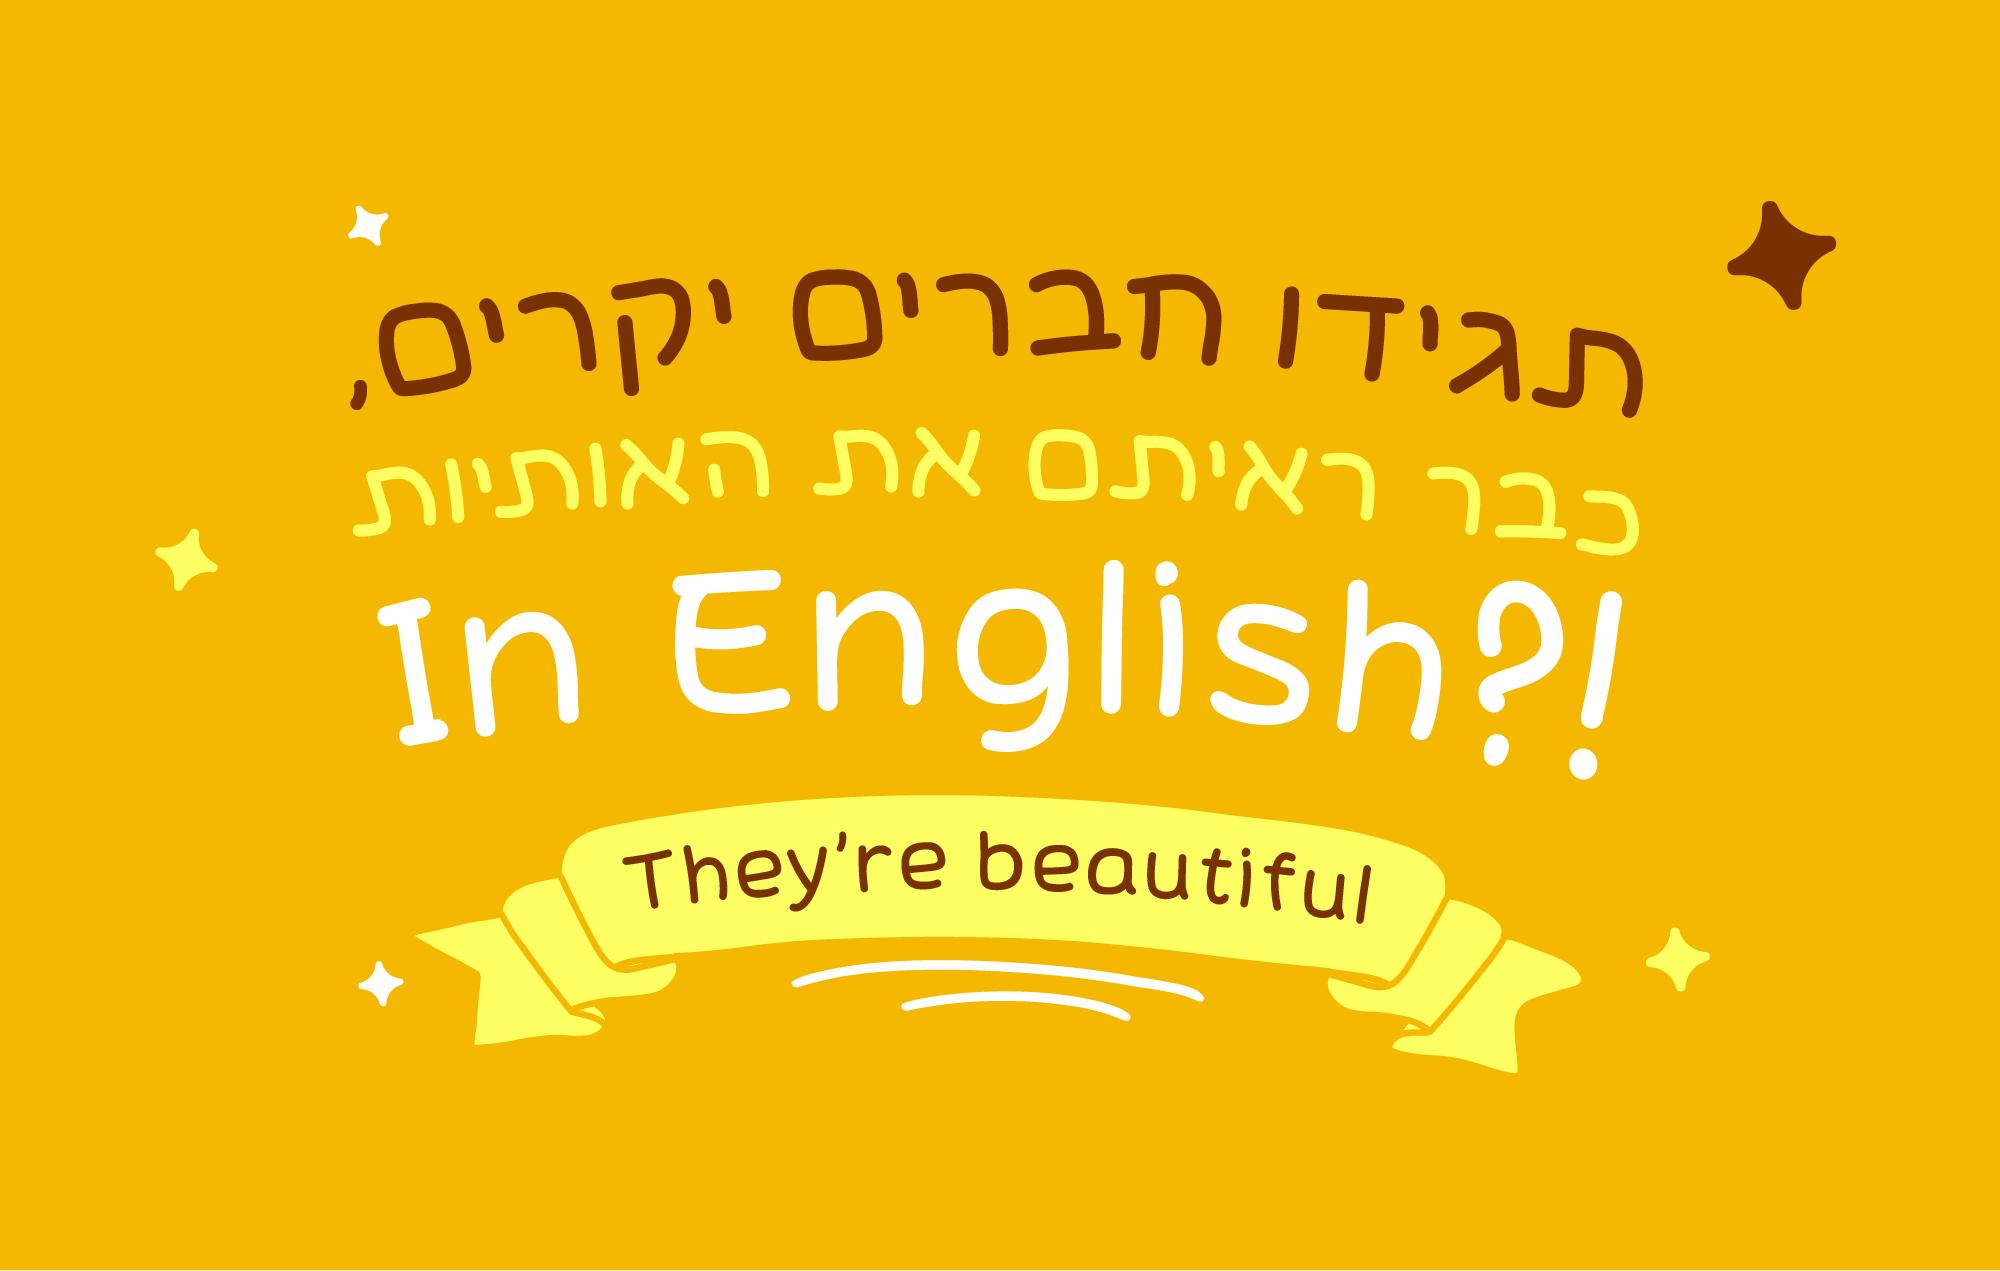 כבר ראיתם את האותיות באנגלית של דליקטס קטן